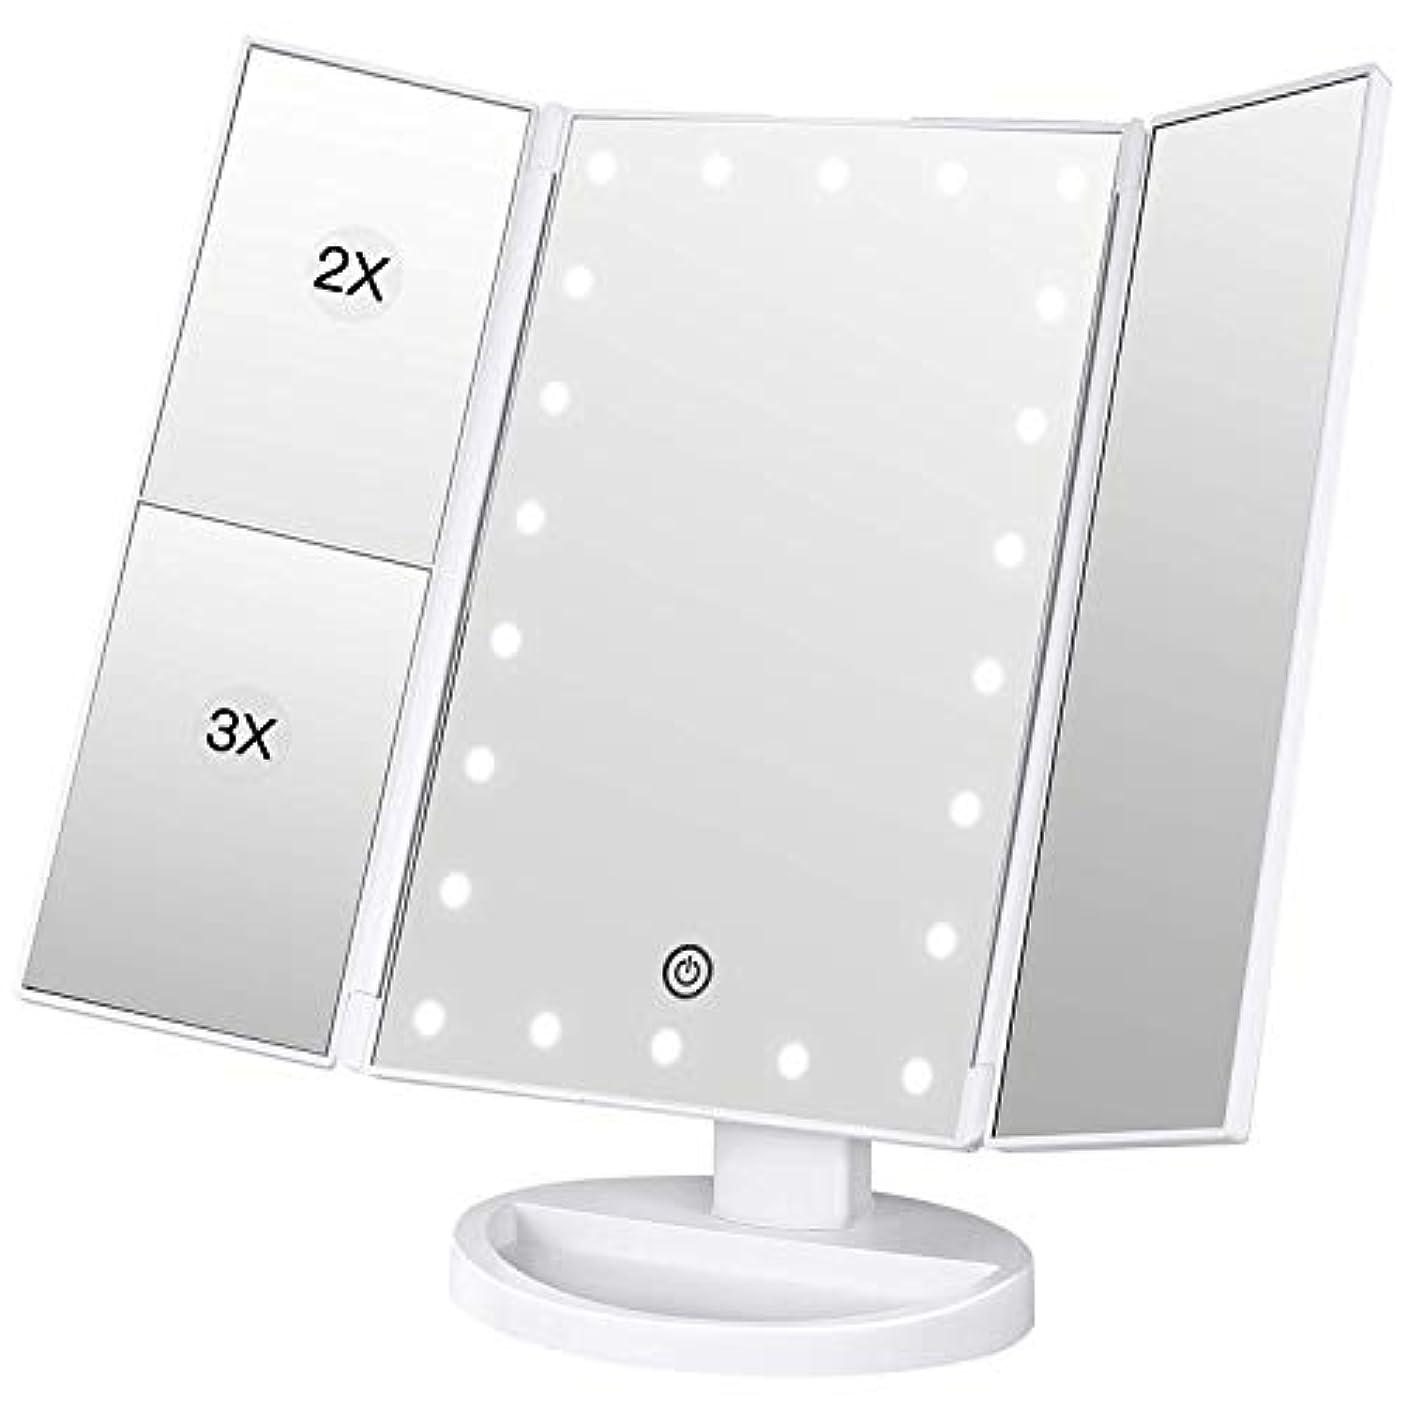 鉛筆シャワーバース収納ベース付き三面鏡 -化粧鏡 led付き 卓上鏡 折りたたみ 拡大鏡 2倍 3倍 明るさ調節可能 180°回転 電池&USB 2WAY給電 (ホワイト)